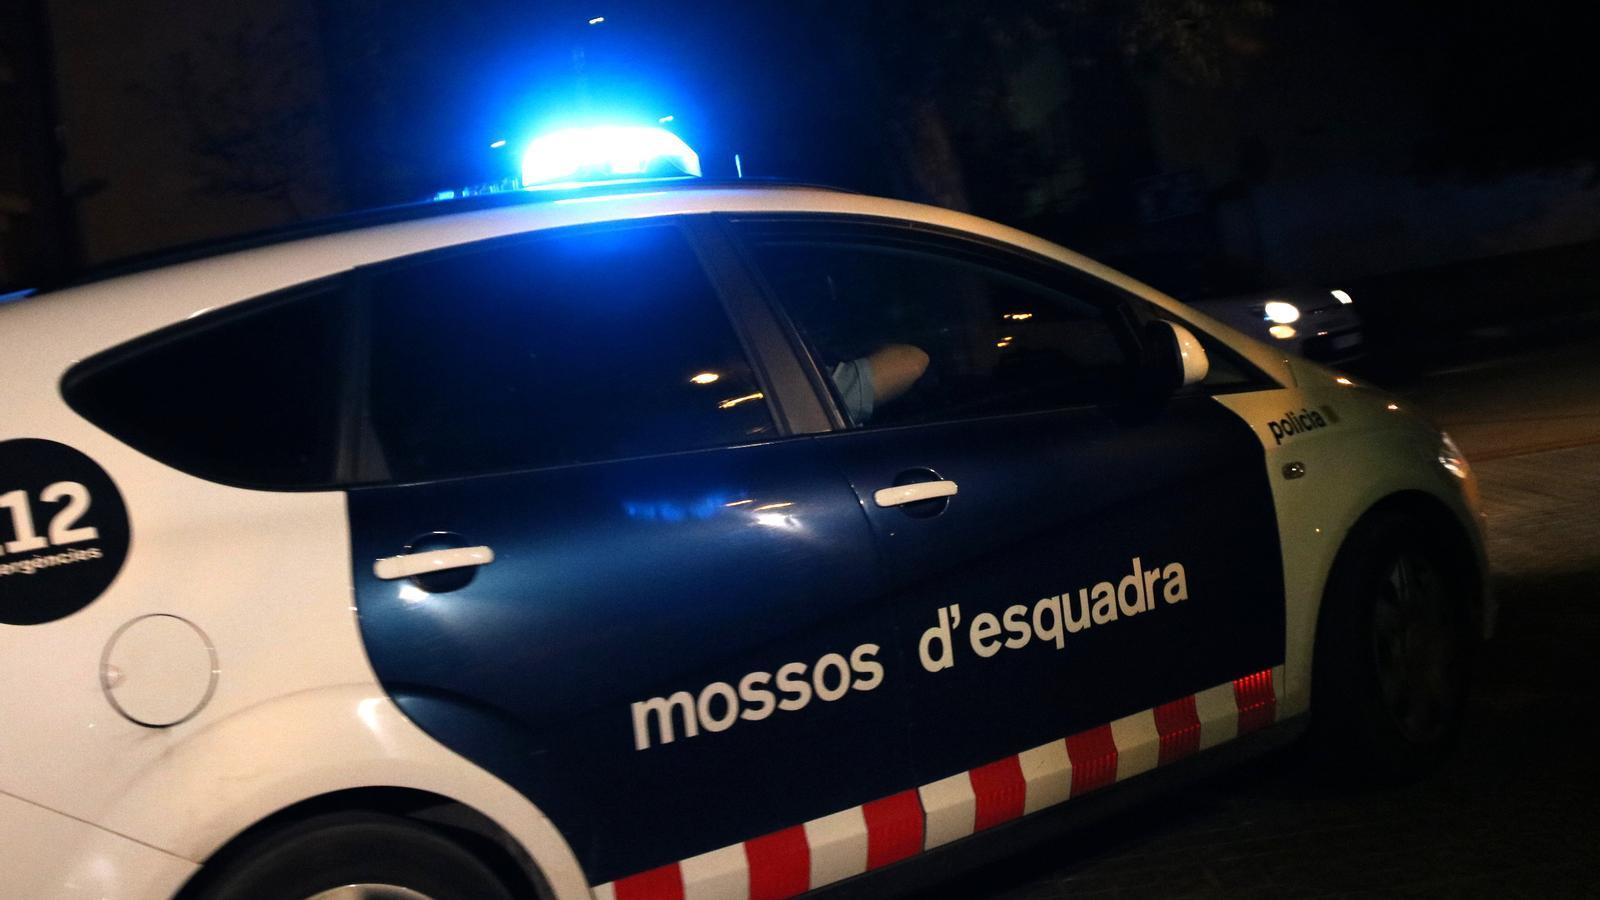 Els Mossos busquen un home per intentar agredir sexualment una dona gran a Gràcia